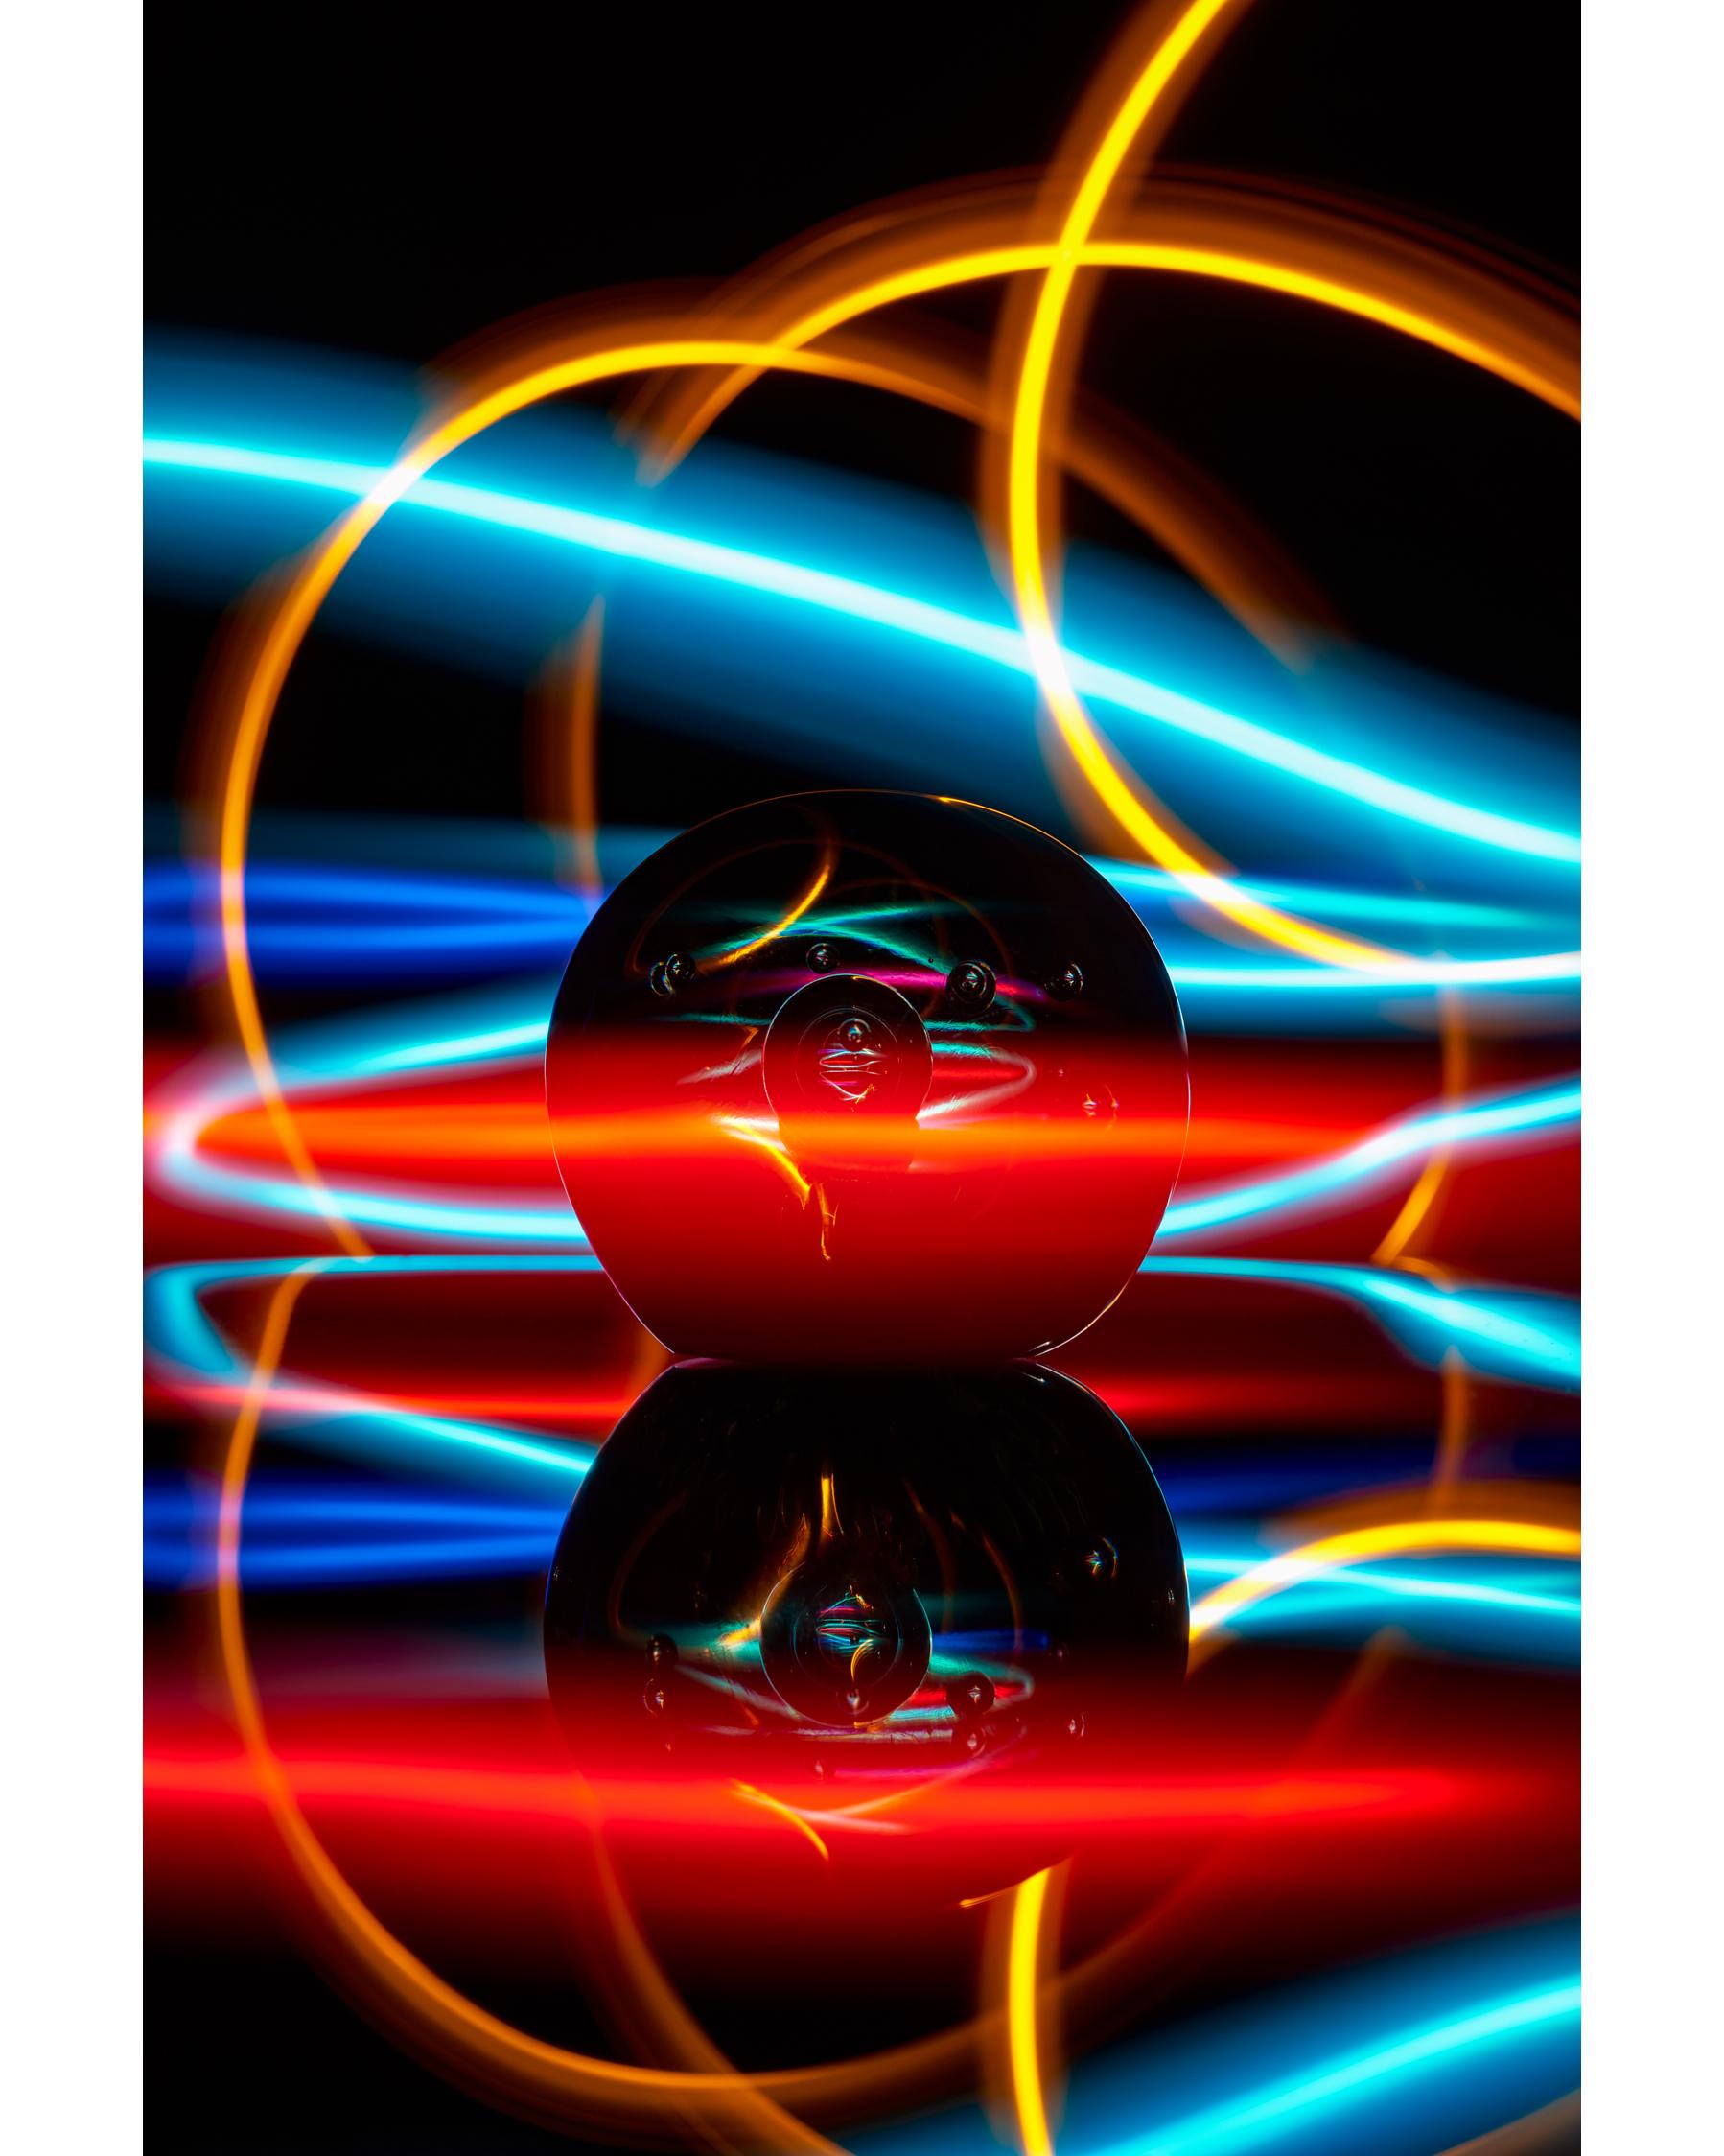 duncantelford_globe_lightpainting_DSC5815.jpg